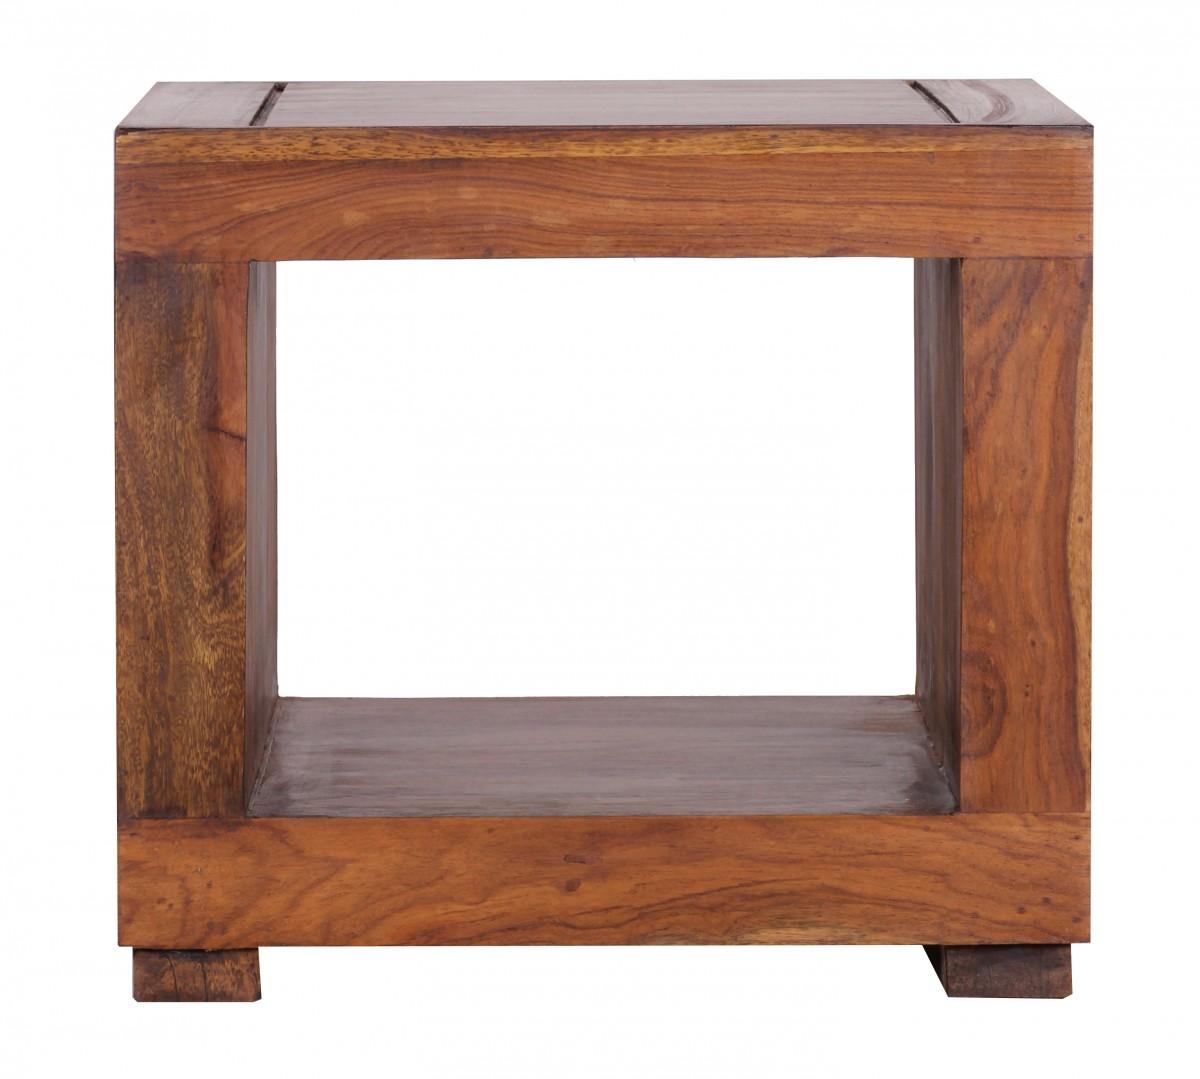 Wohnling petit table basse salon desserte d 39 appoint bois for Table basse hauteur 50 cm